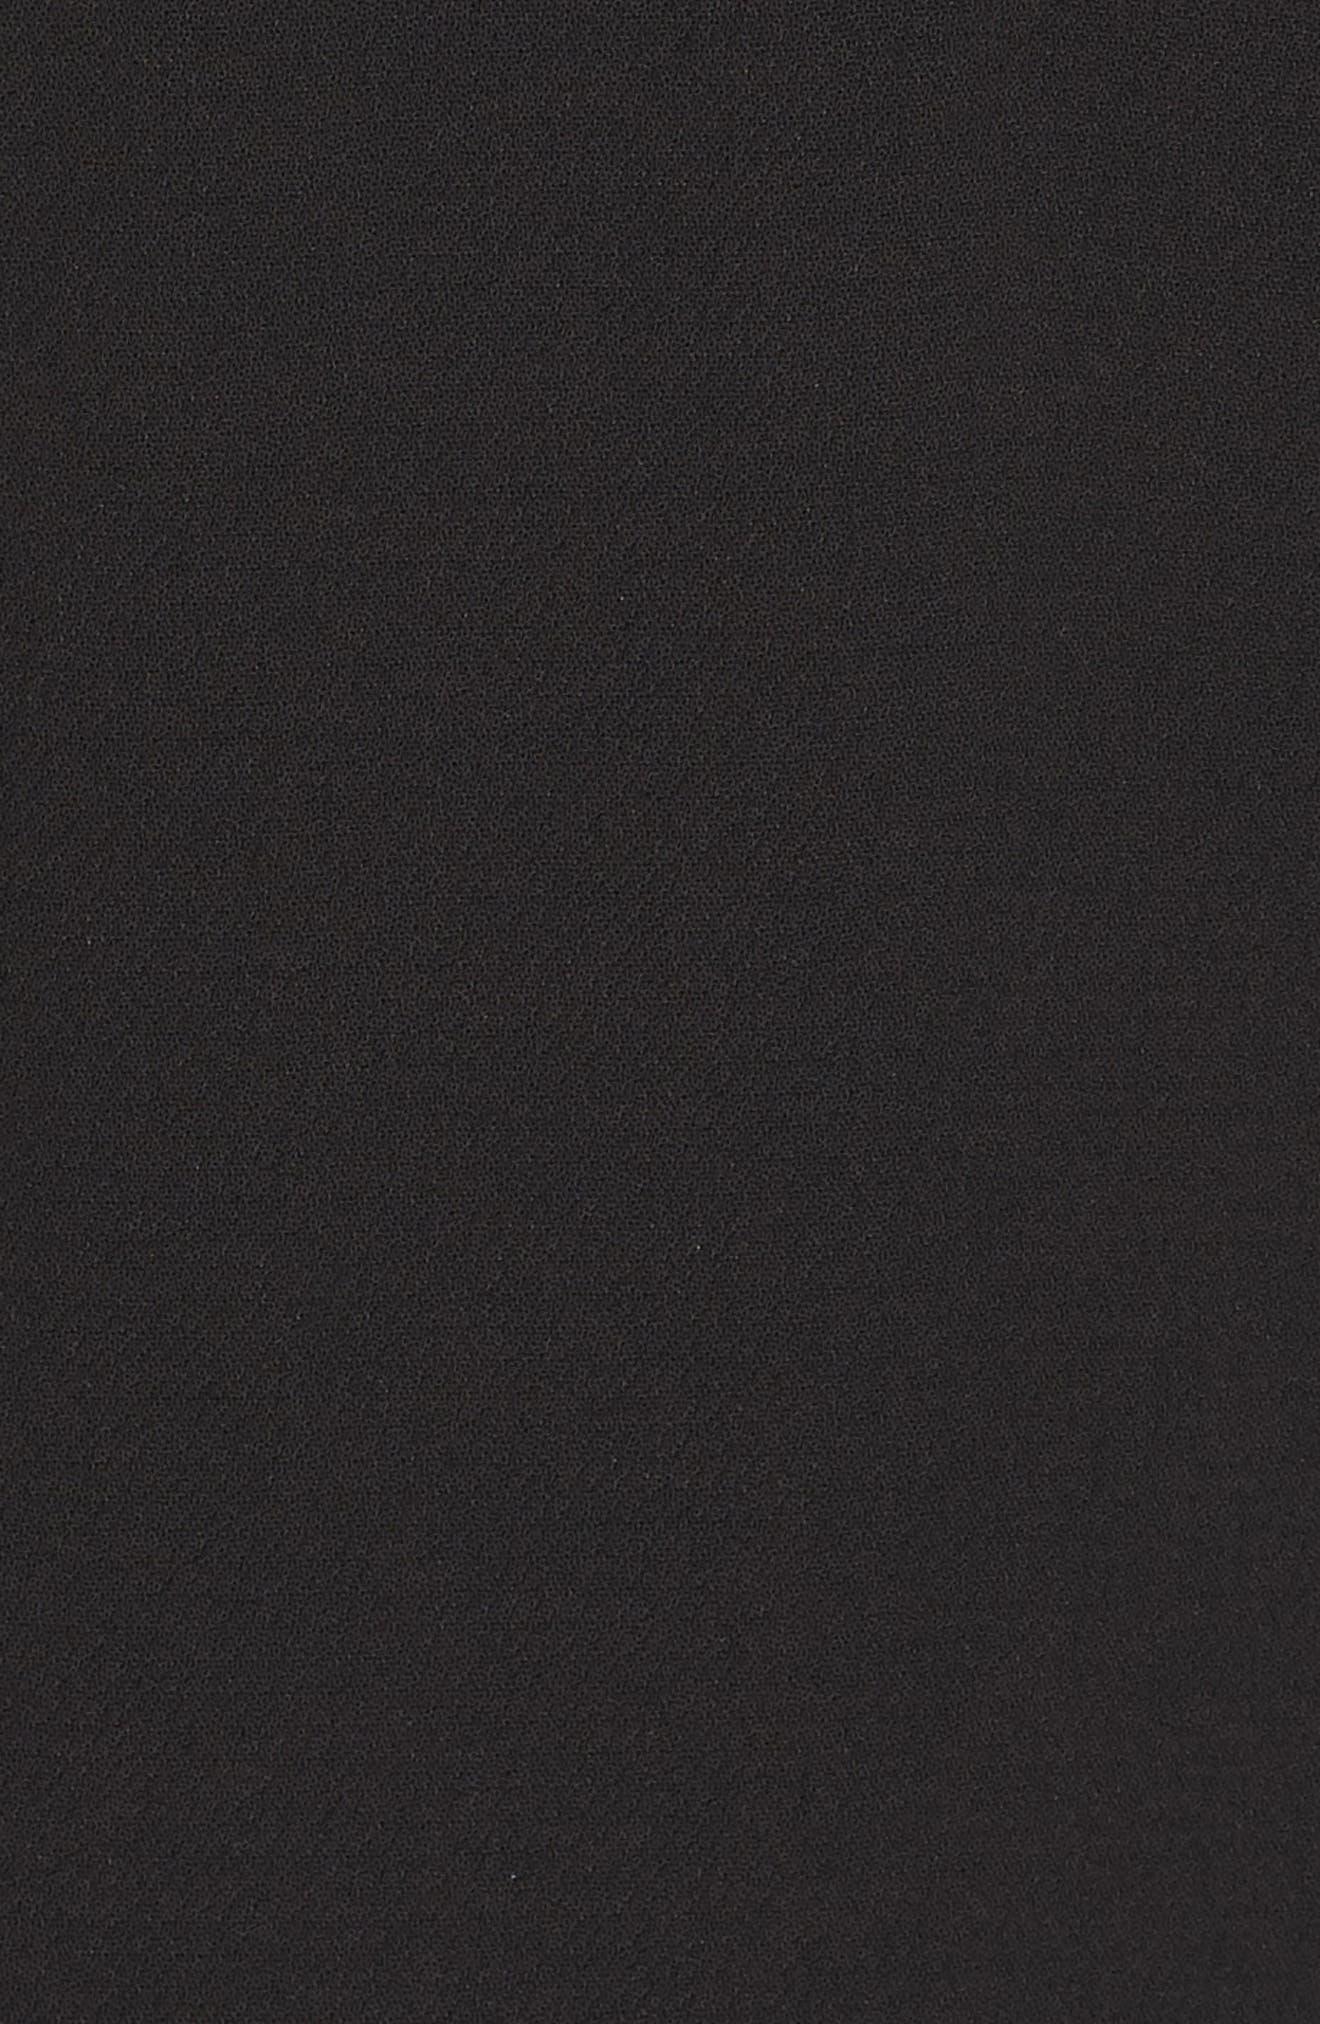 Tie Front Crepe Dress,                             Alternate thumbnail 6, color,                             BLACK